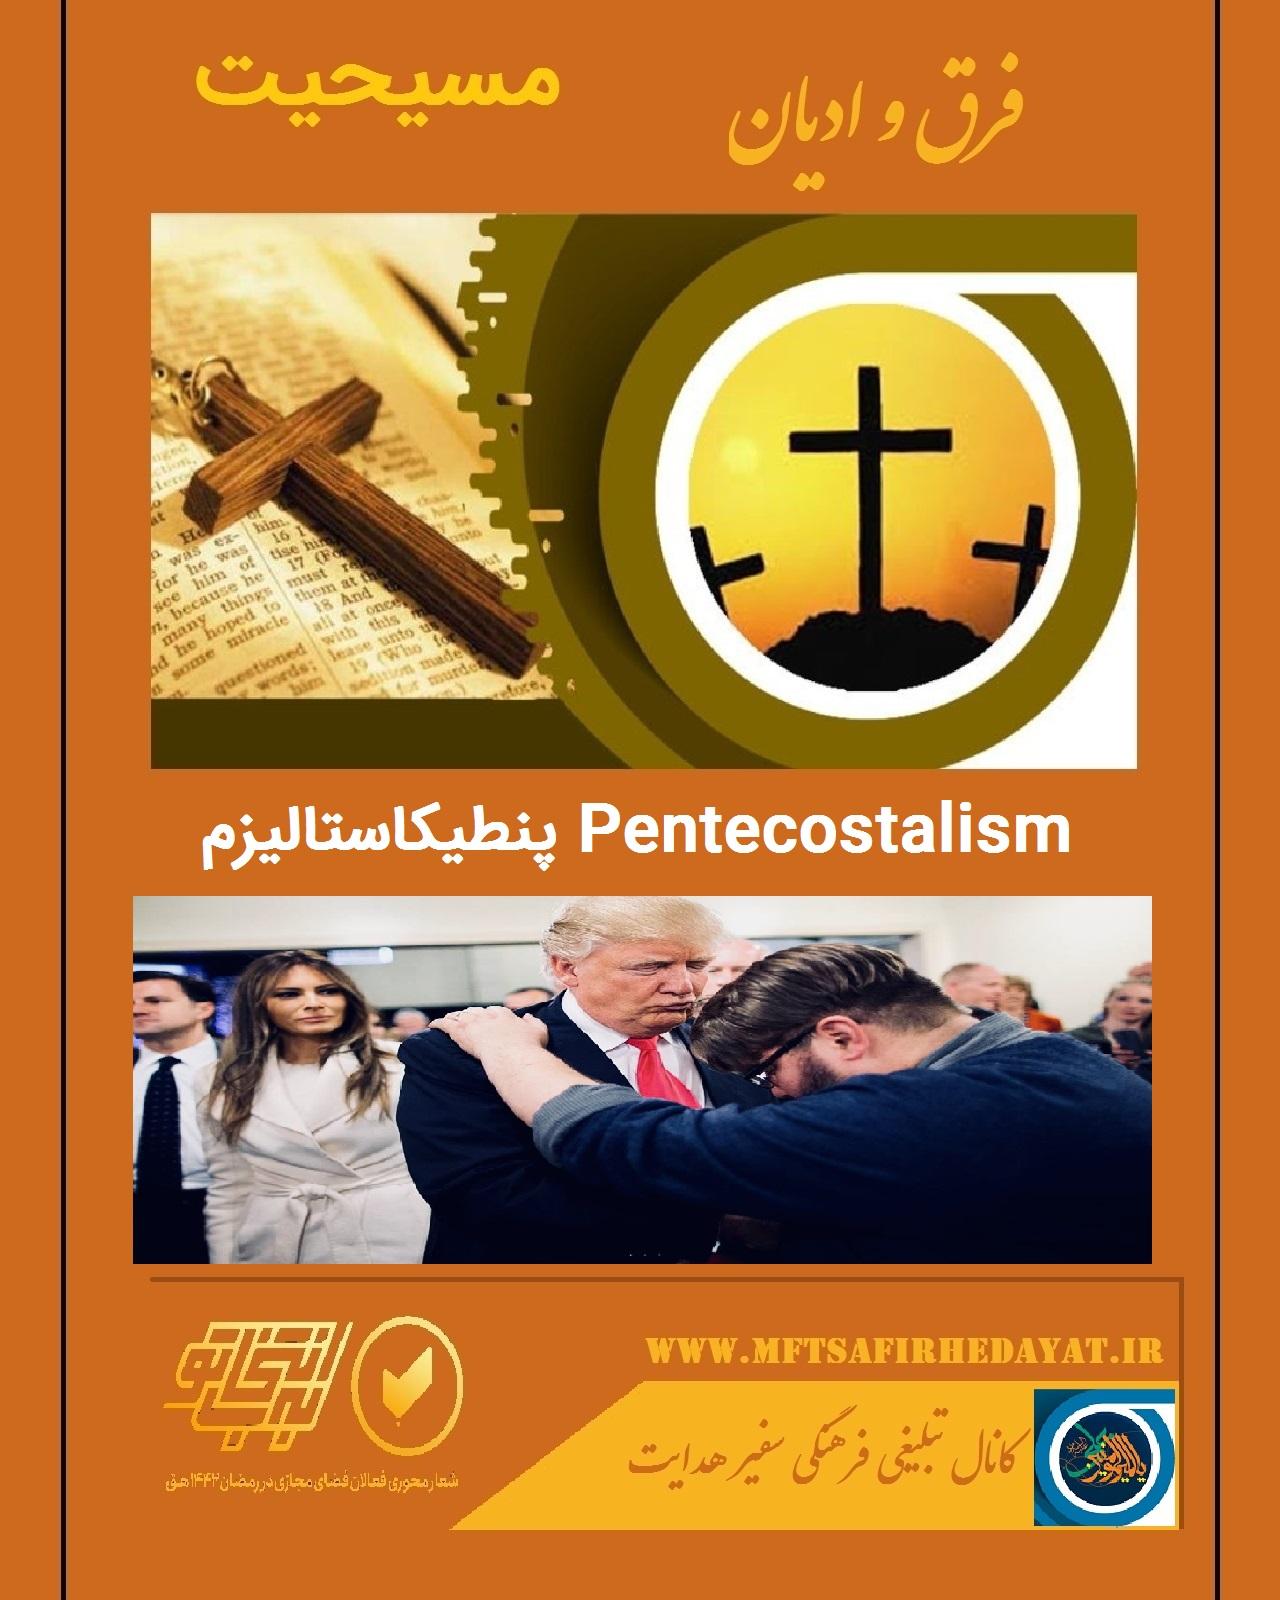 پنطیکاستالیزم Pentecostalism